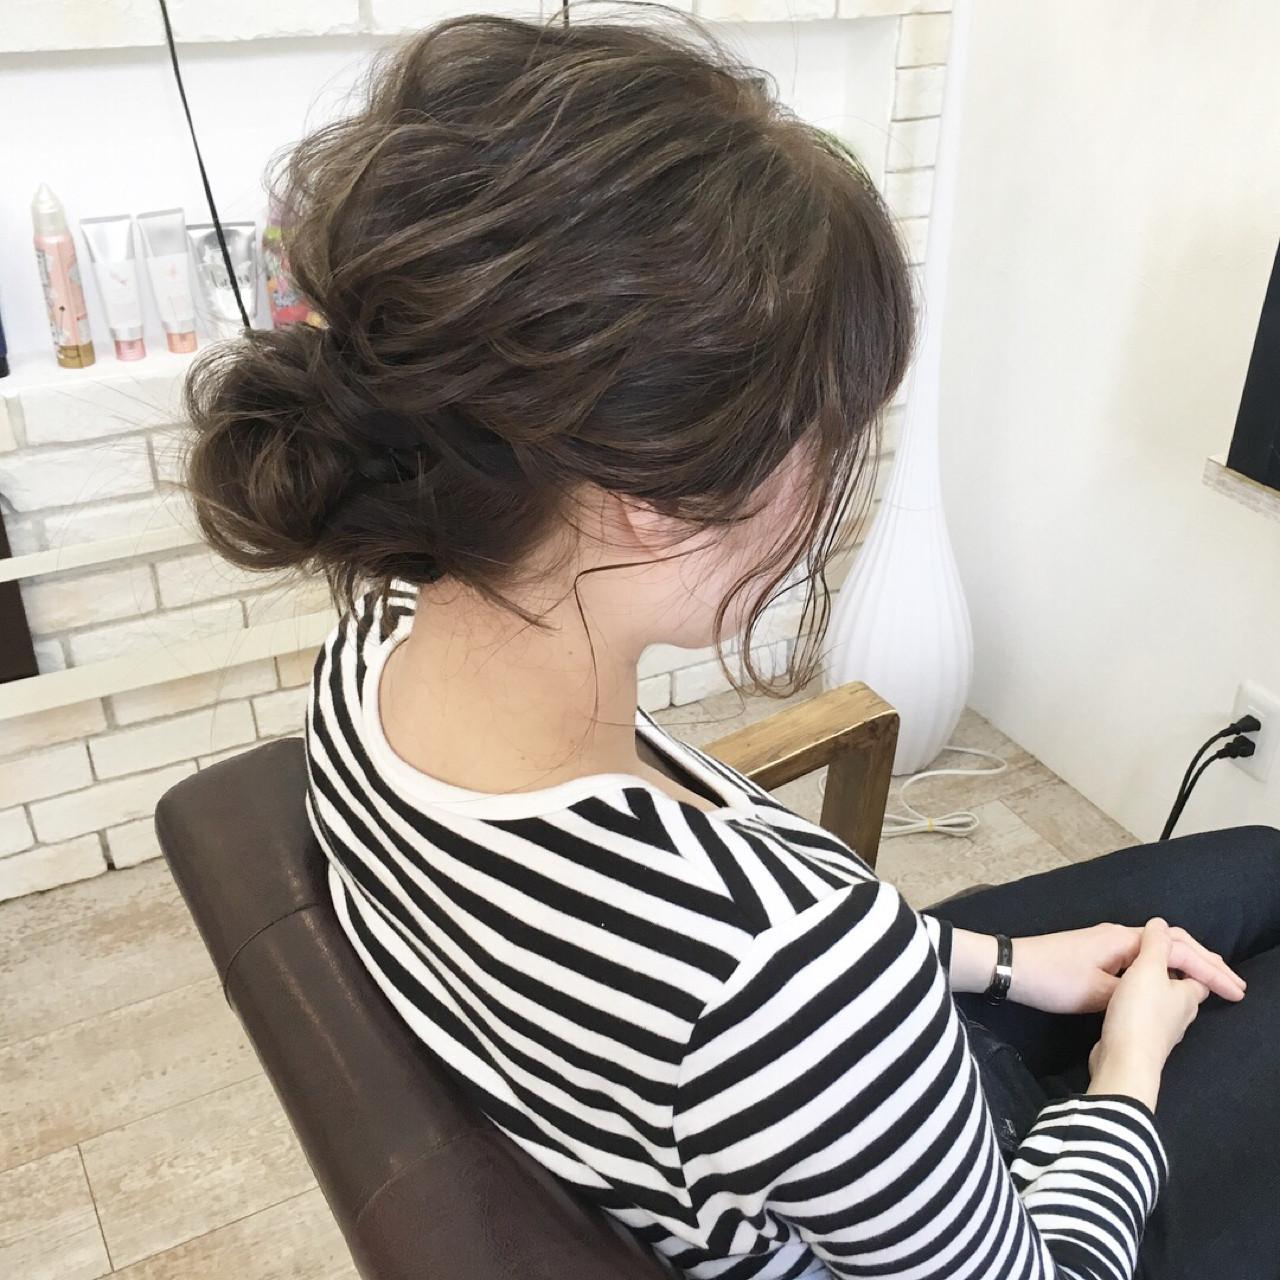 波ウェーブ ロング アッシュ 春 ヘアスタイルや髪型の写真・画像